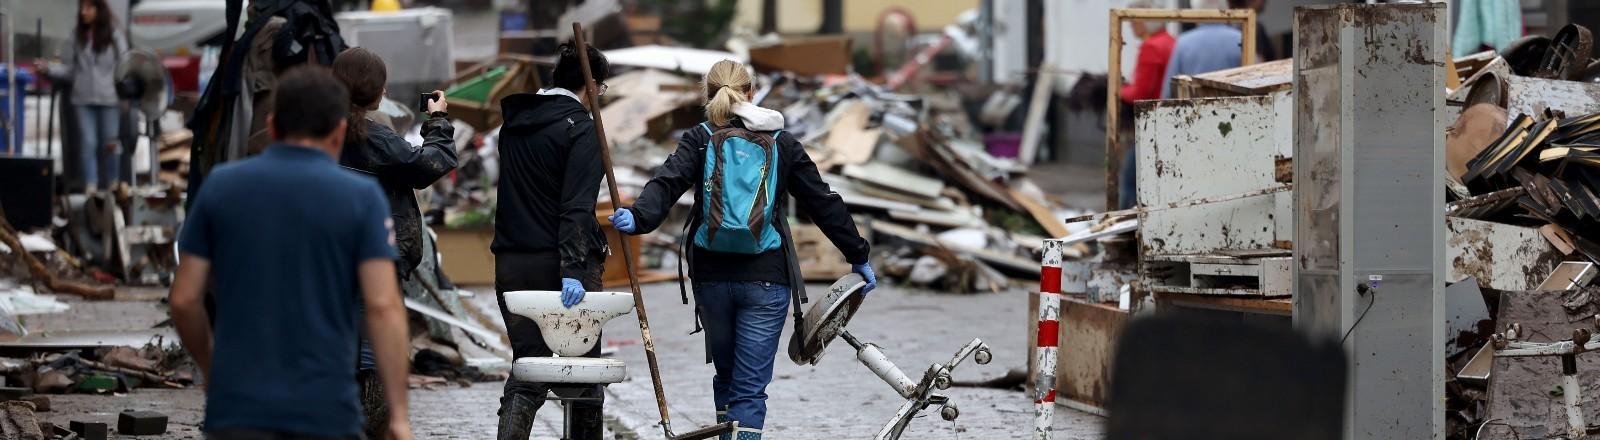 In der Stadt Gemünd beginnen die Aufräumarbeiten nach dem Hochwasser.